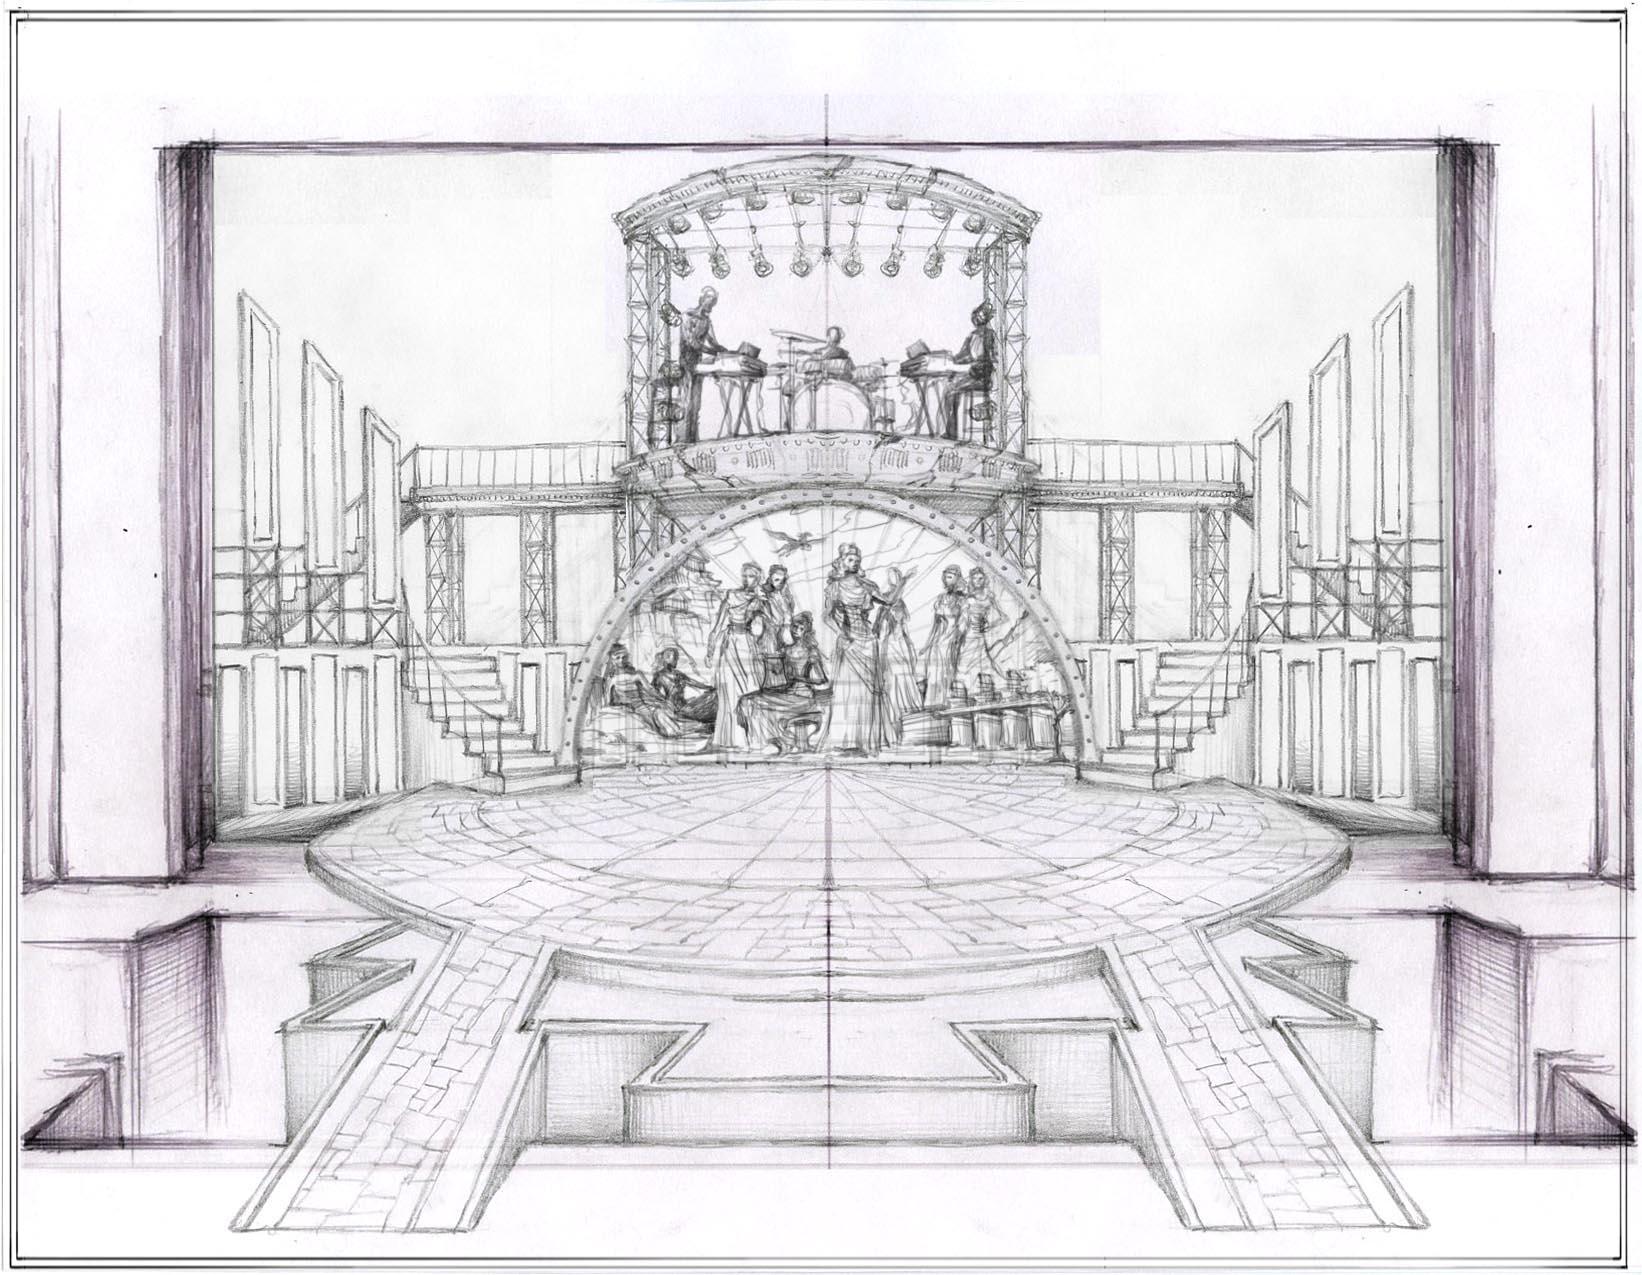 Preliminary Sketch #2